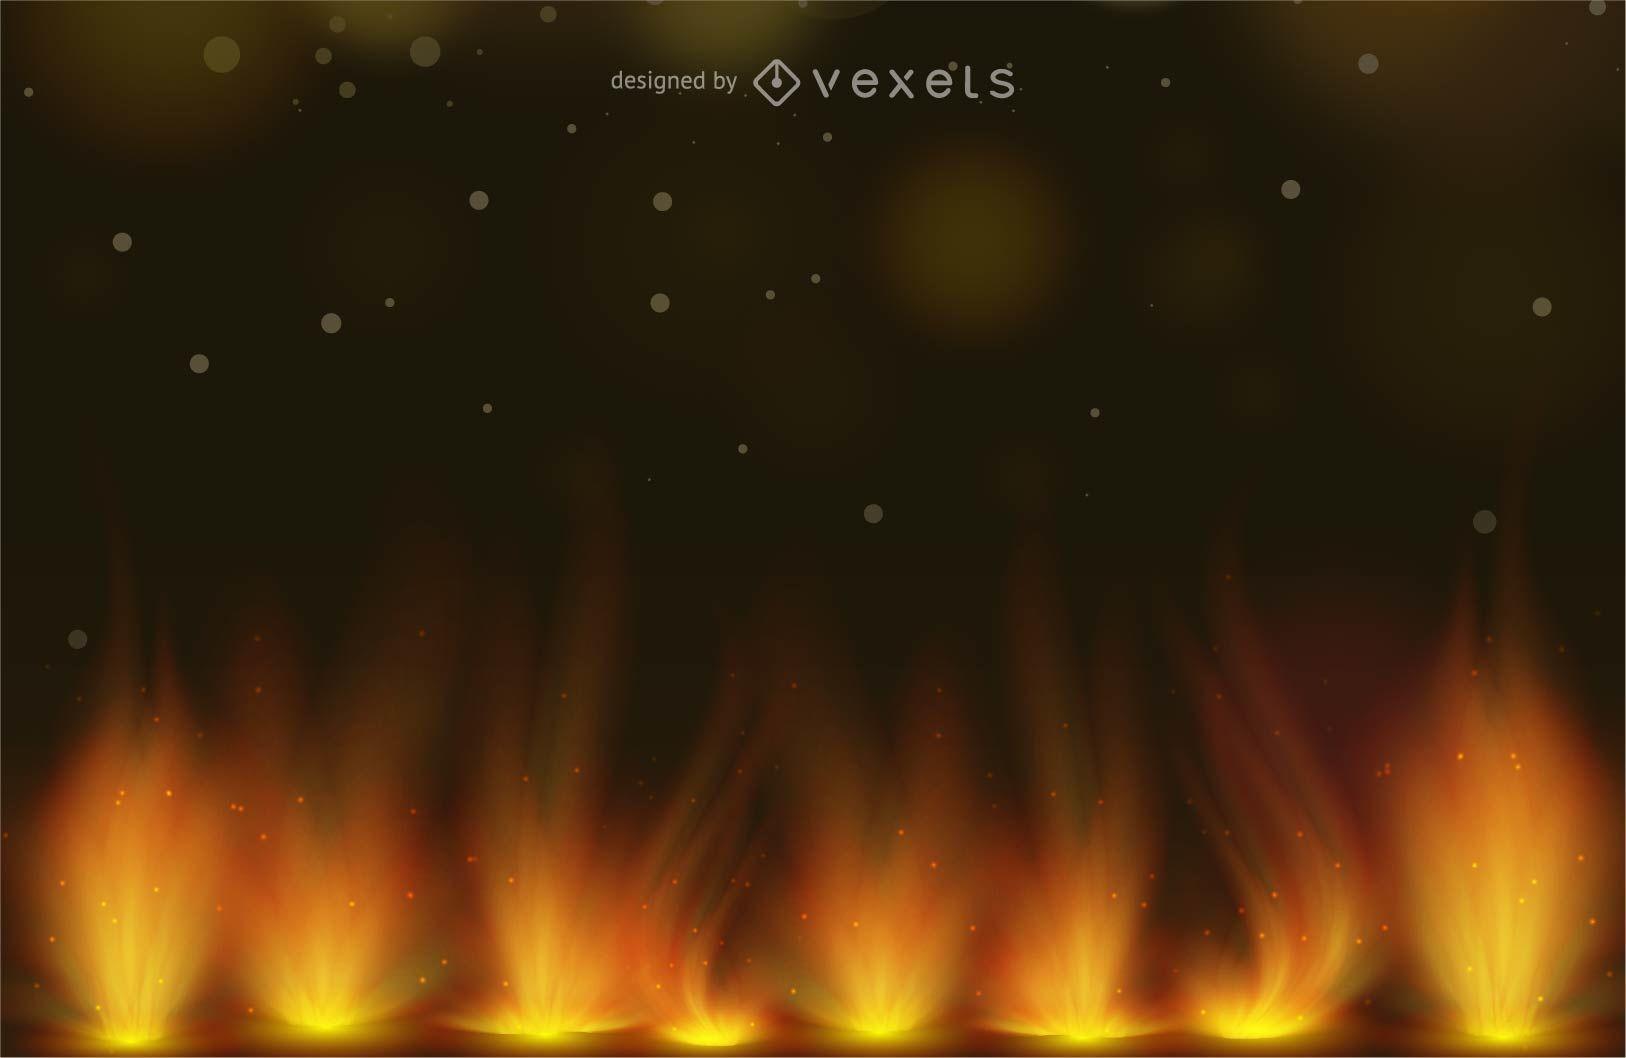 Diseño de fondo de fuego abstracto con ilustración